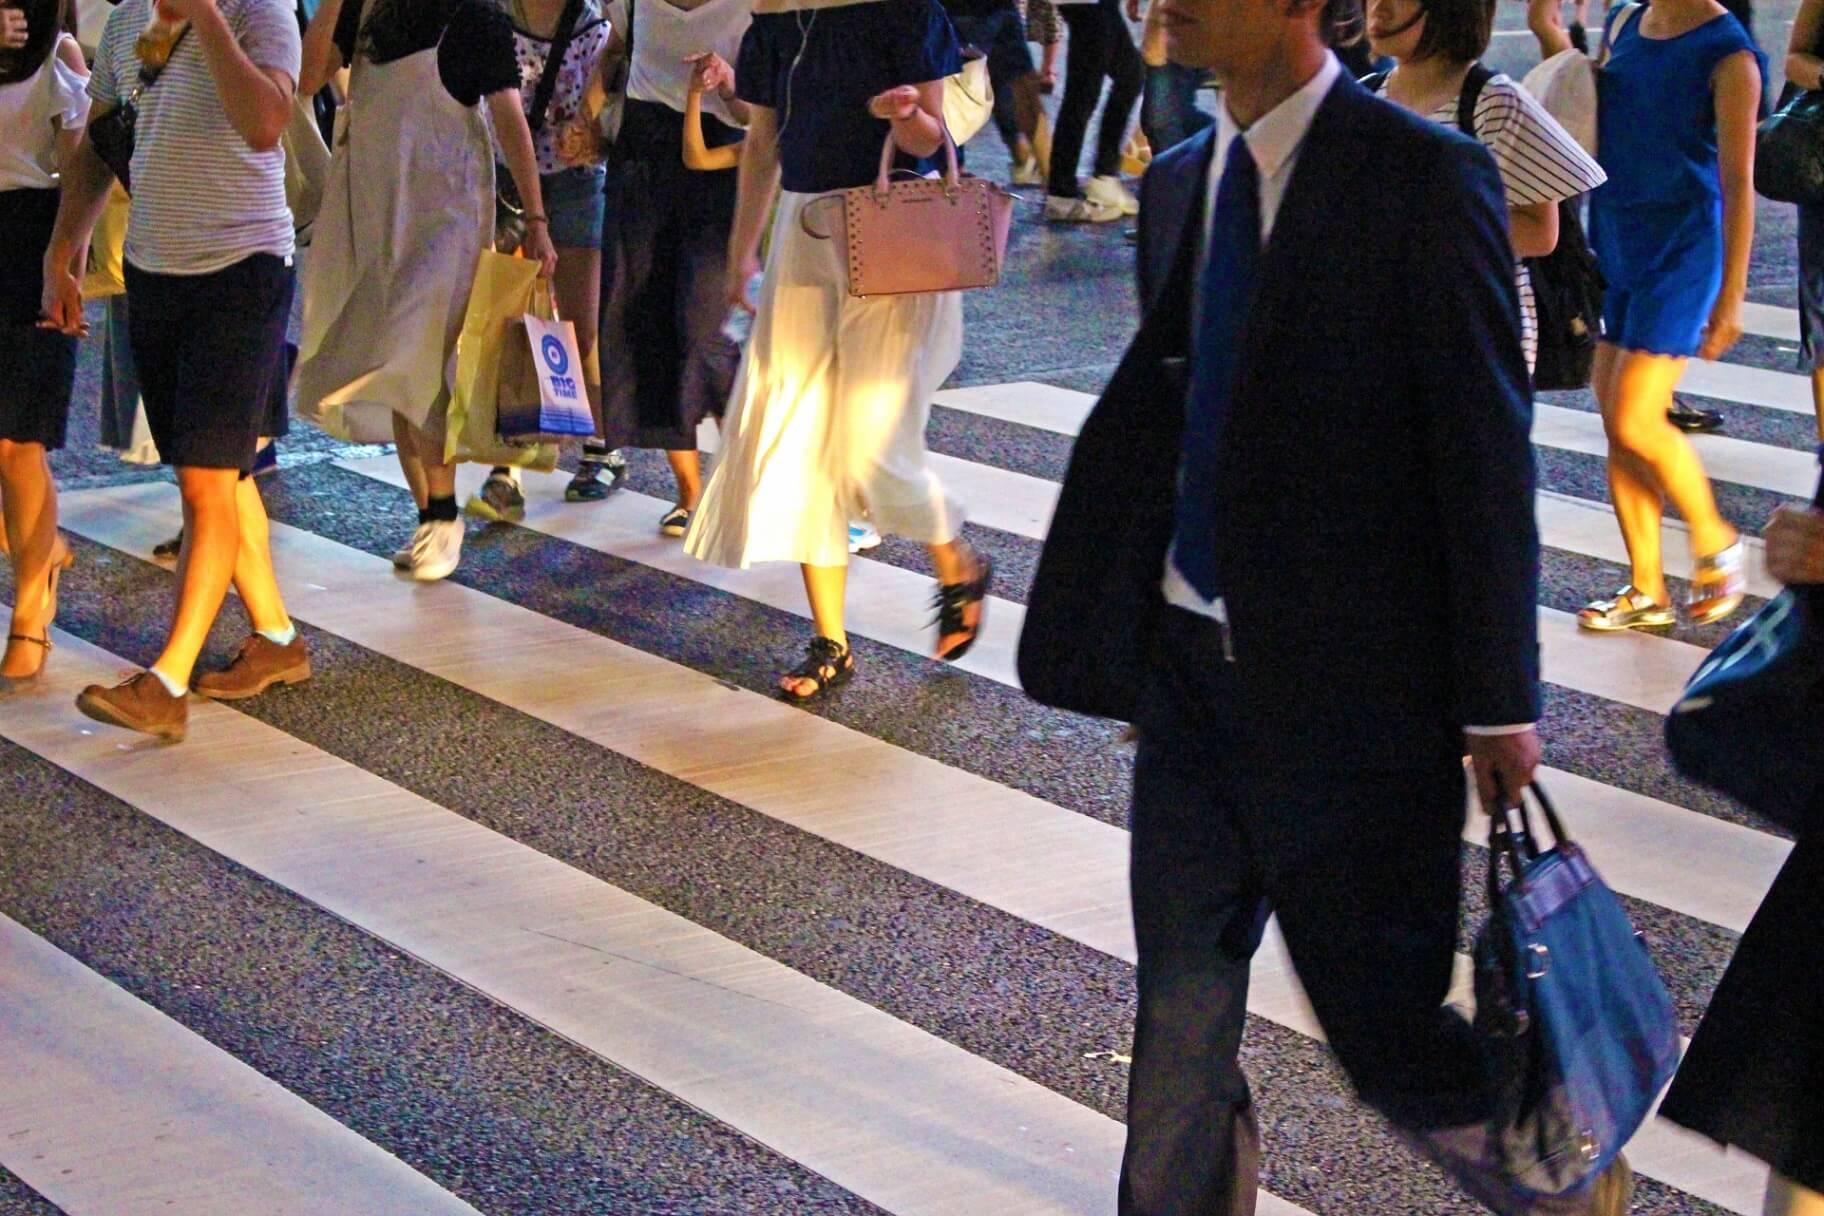 日本の格差社会について考える「なぜ地域格差は生まれたのか?」